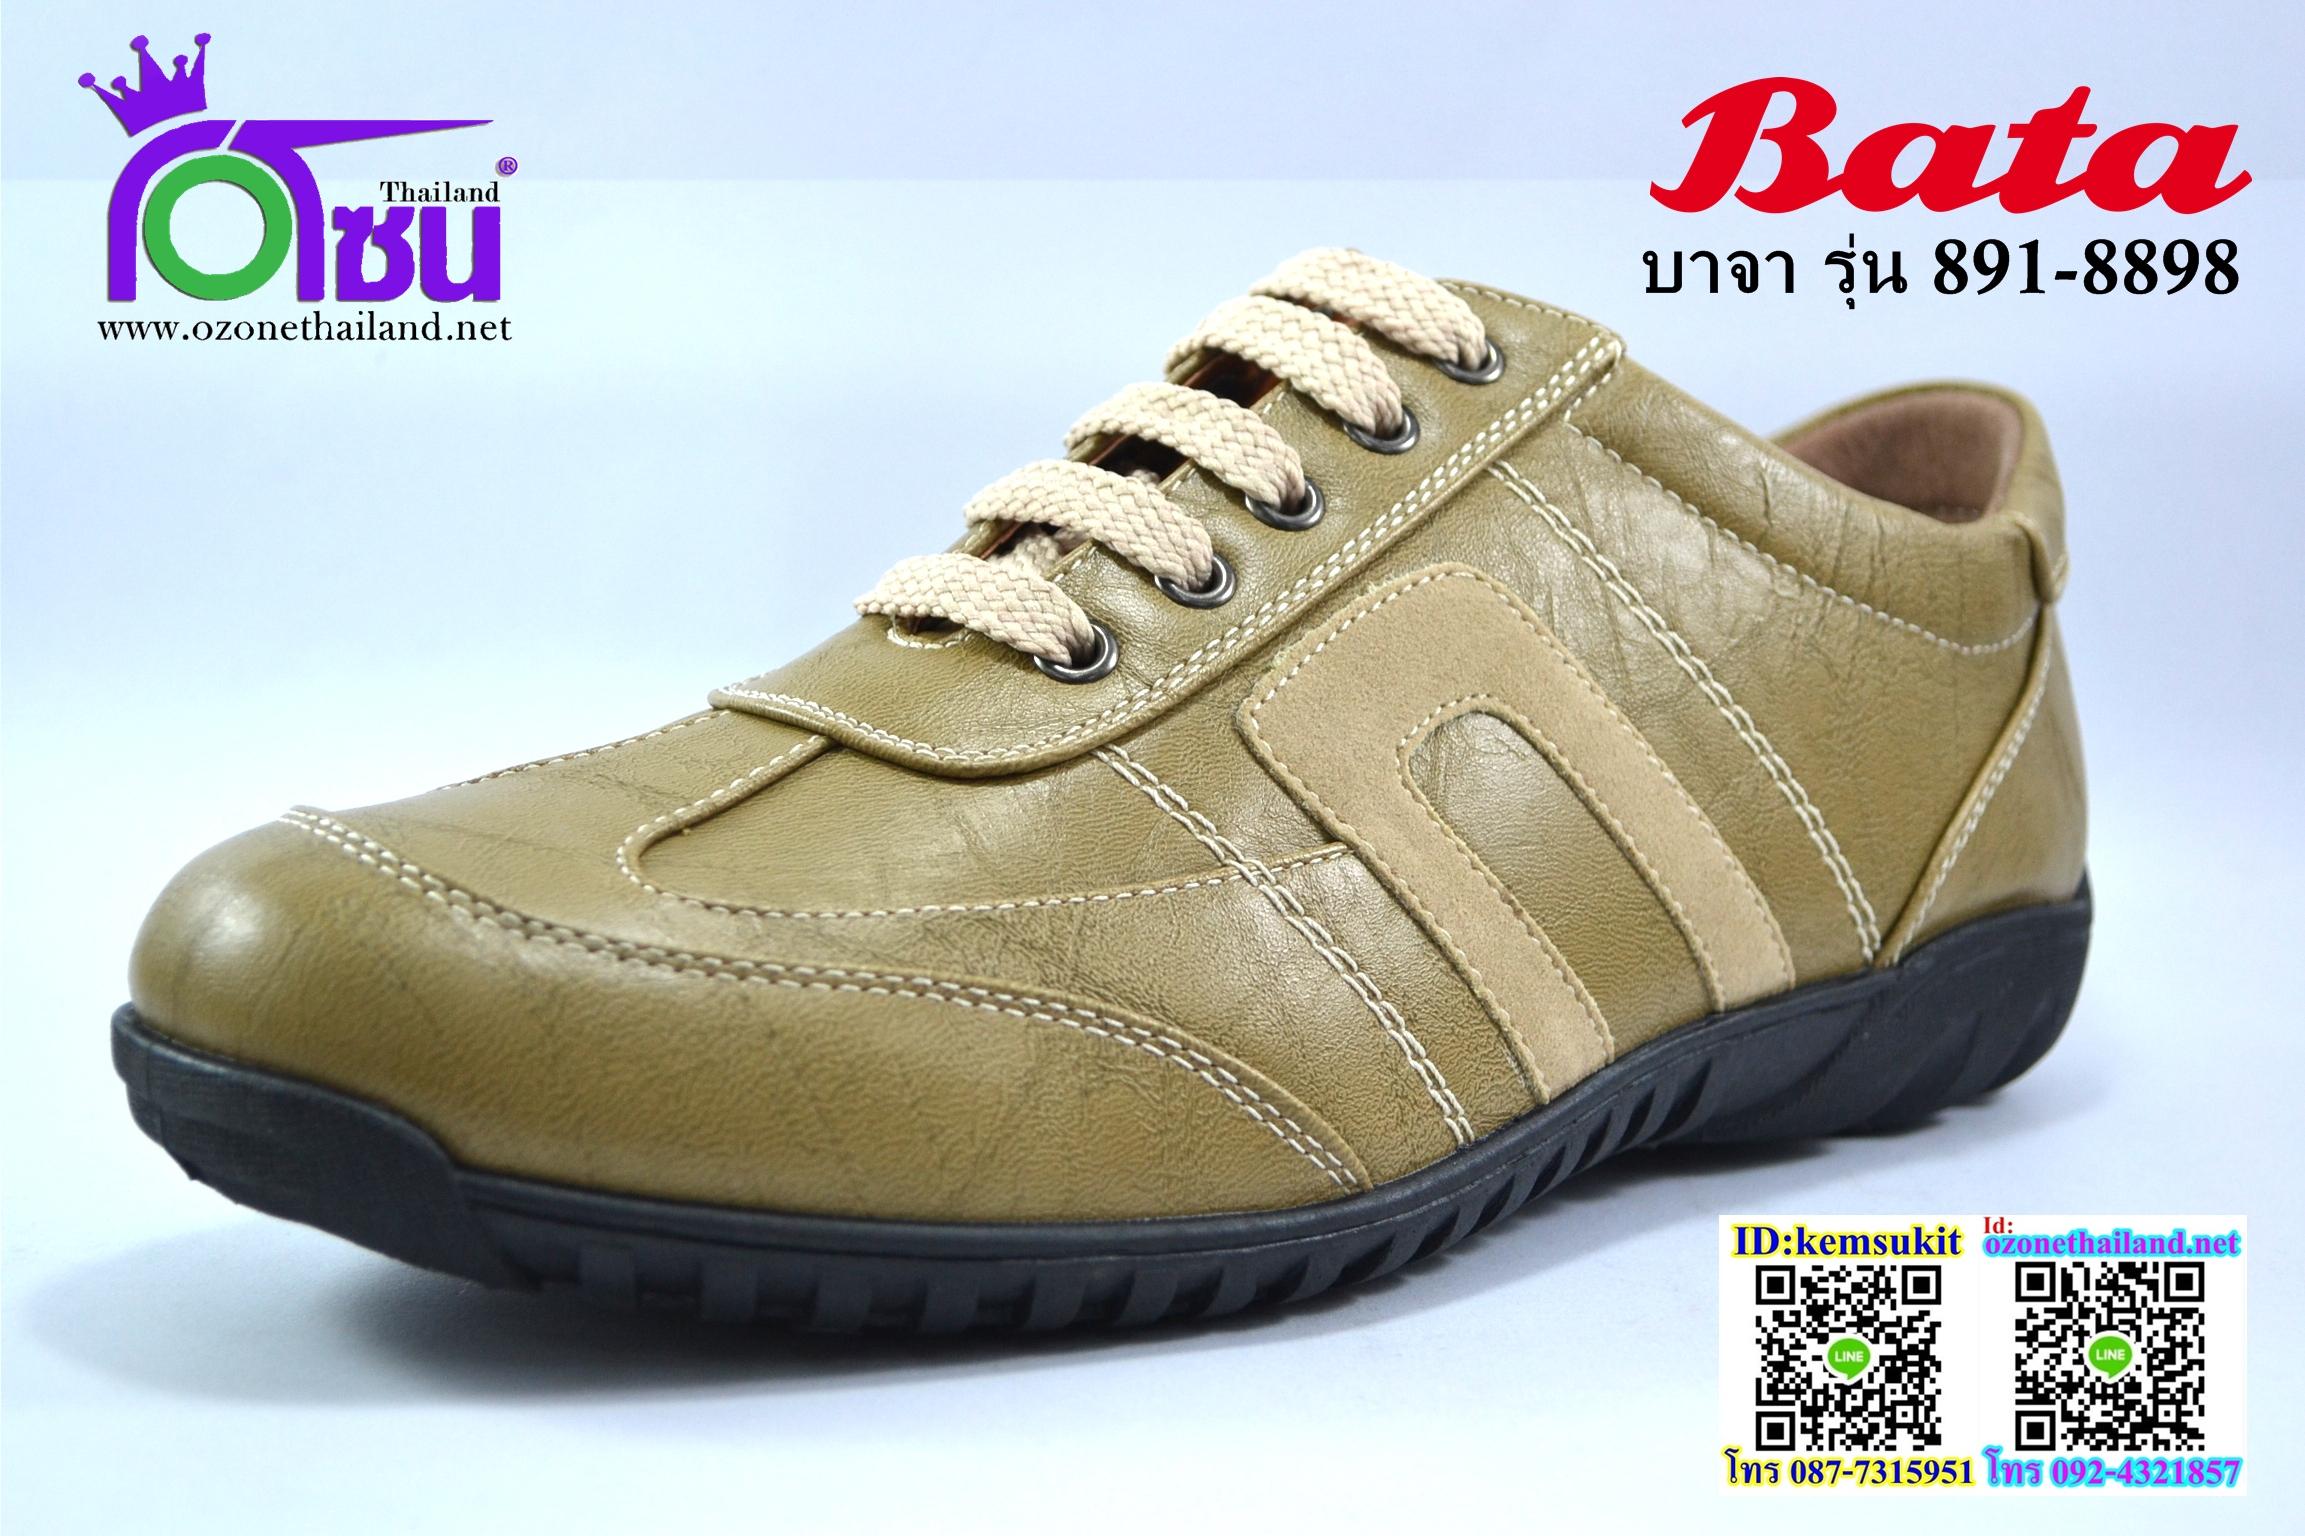 Bata (บาจา) สีแทน รุ่น891-8898 เบอร์39-45